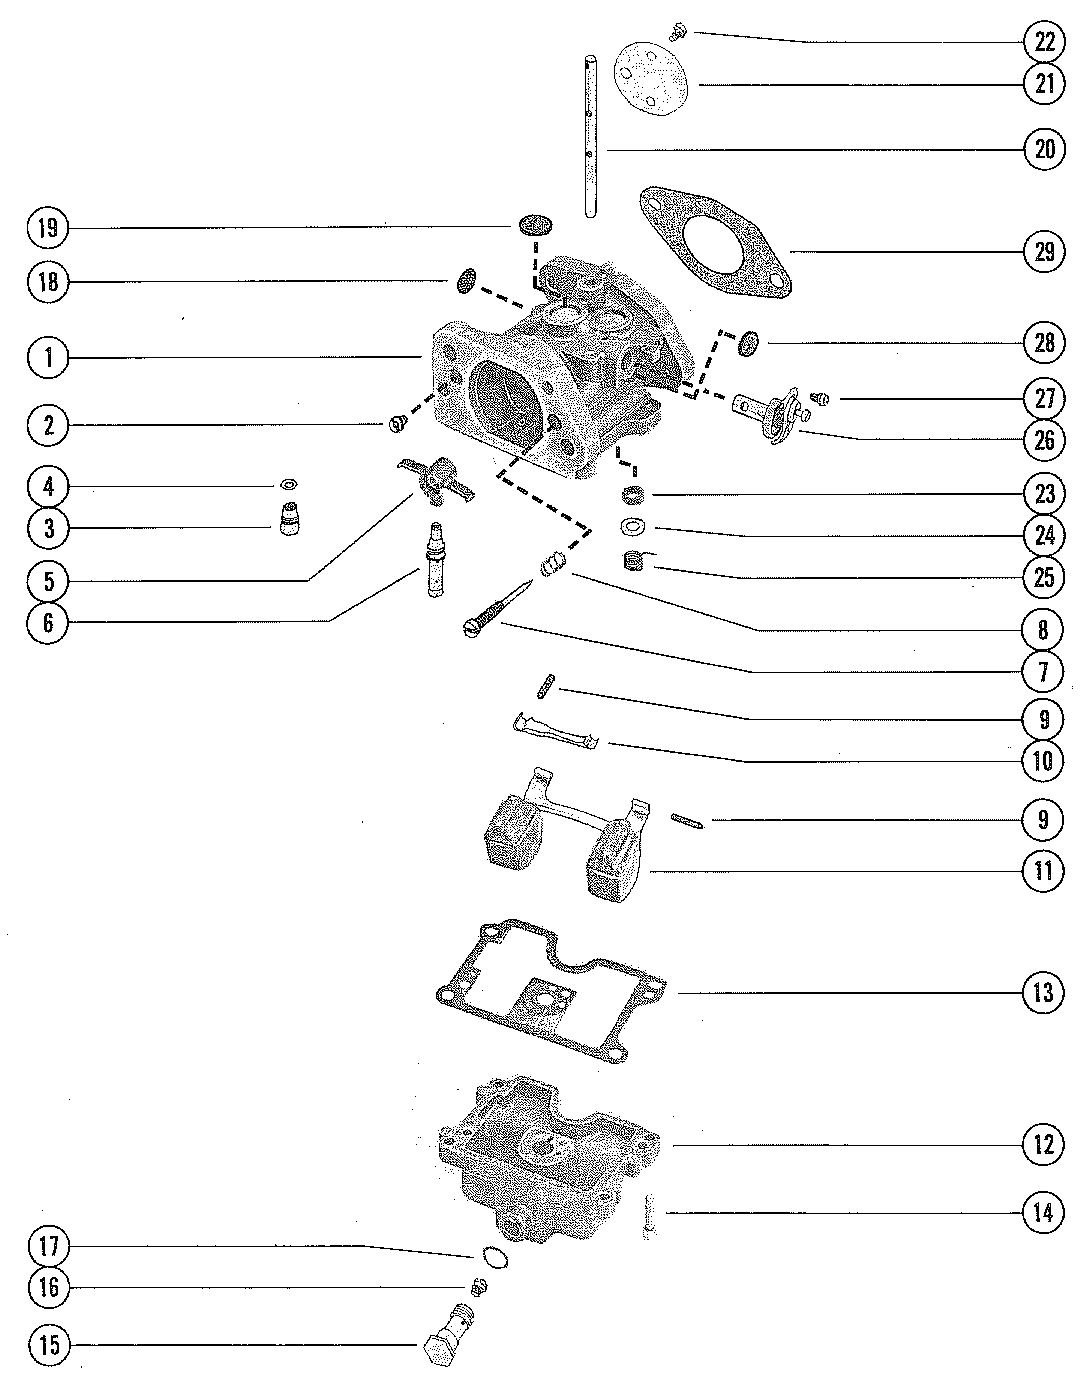 Mercury | MERCURY | 850 (4 CYL.) | 9110014 THRU 9177625 | CARBURETOR  ASSEMBLY